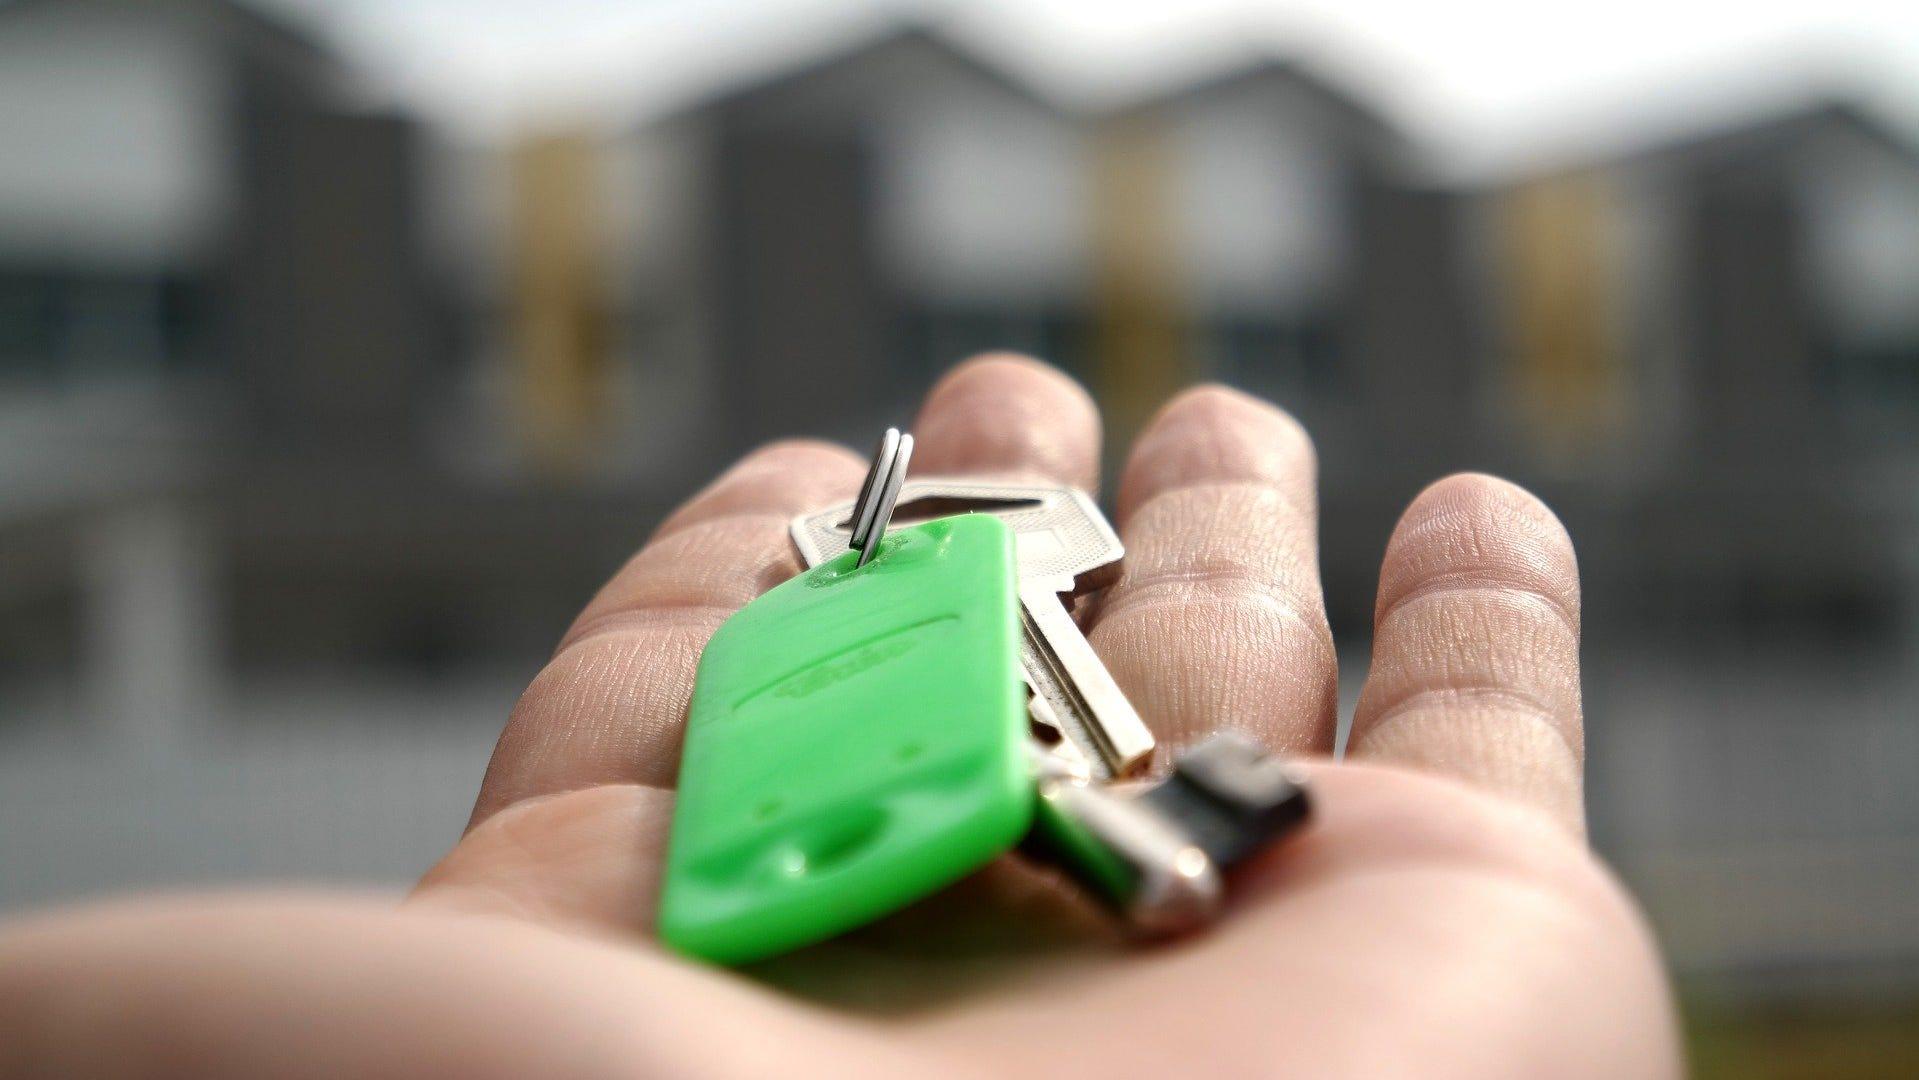 a1237048 fc2f 4ff4 af12 dca33ebc3c22 Real Esate House buy jpg?crop=1919,1080,x0,y97&width=1919&height=1080&format=pjpg&auto=webp.